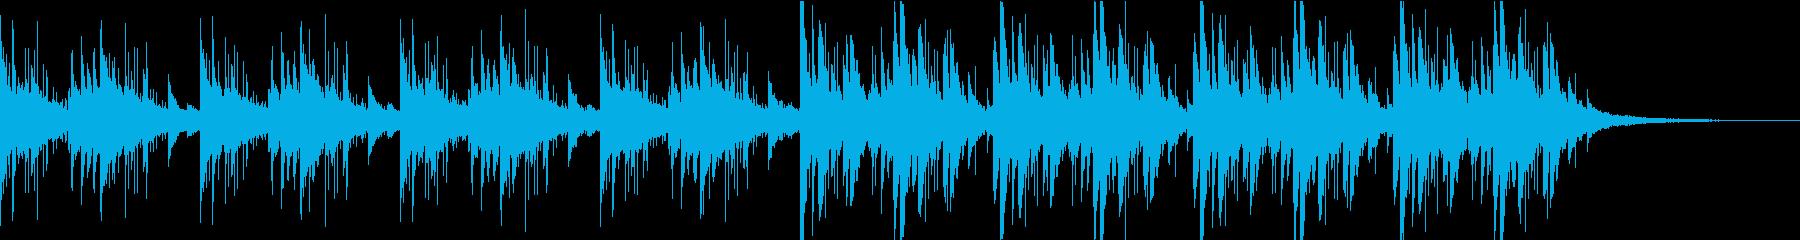 幻想的なピアノとシンセ 深海のイメージ曲の再生済みの波形